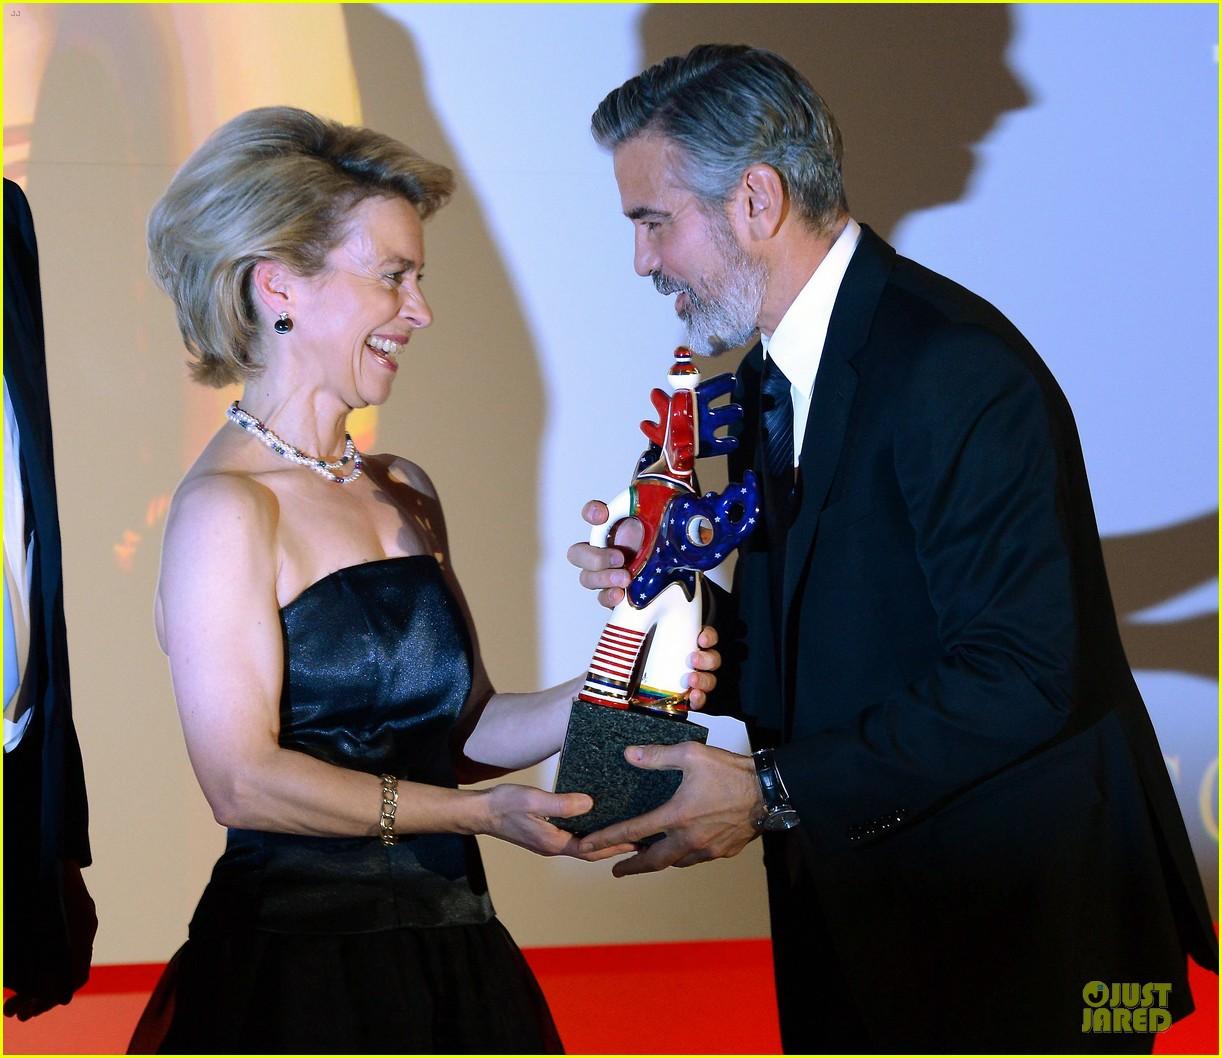 george clooney deutscher medienpreis award honoree 022821430